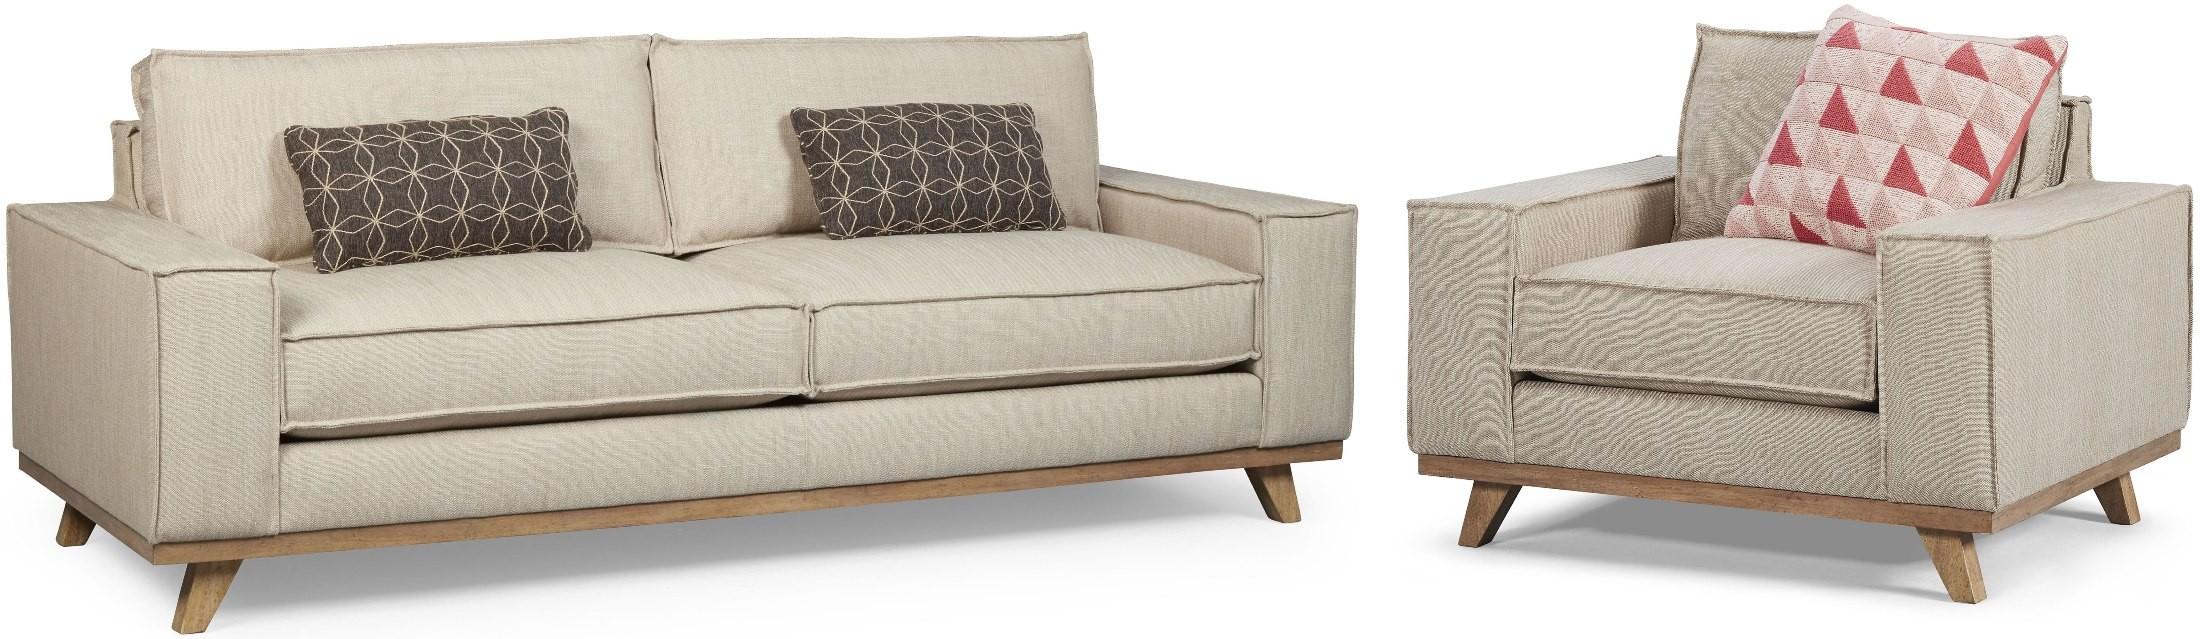 Epicenters Austin Beige Van Zandt Living Room Set from ART | Coleman ...